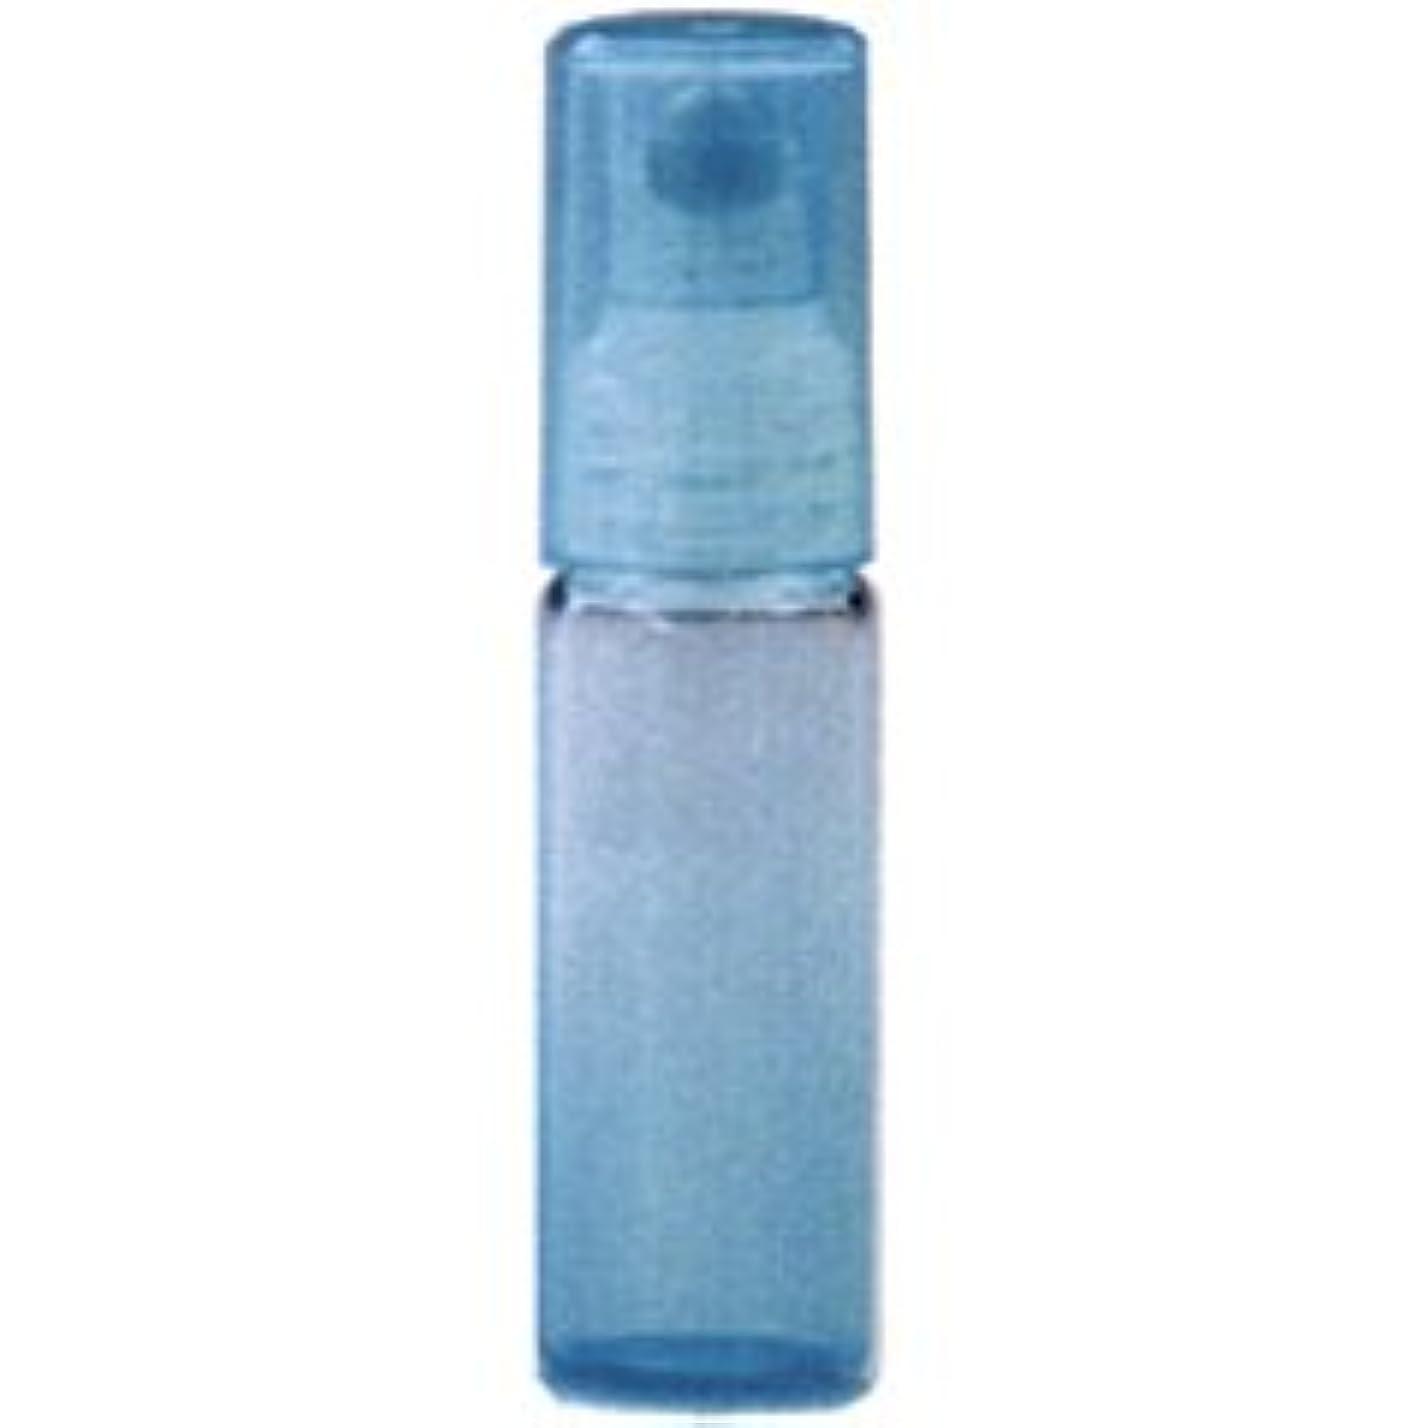 【ヒロセ アトマイザー】ロール タイプ カラー 38132 (ロールカラー ブルー) 4ml